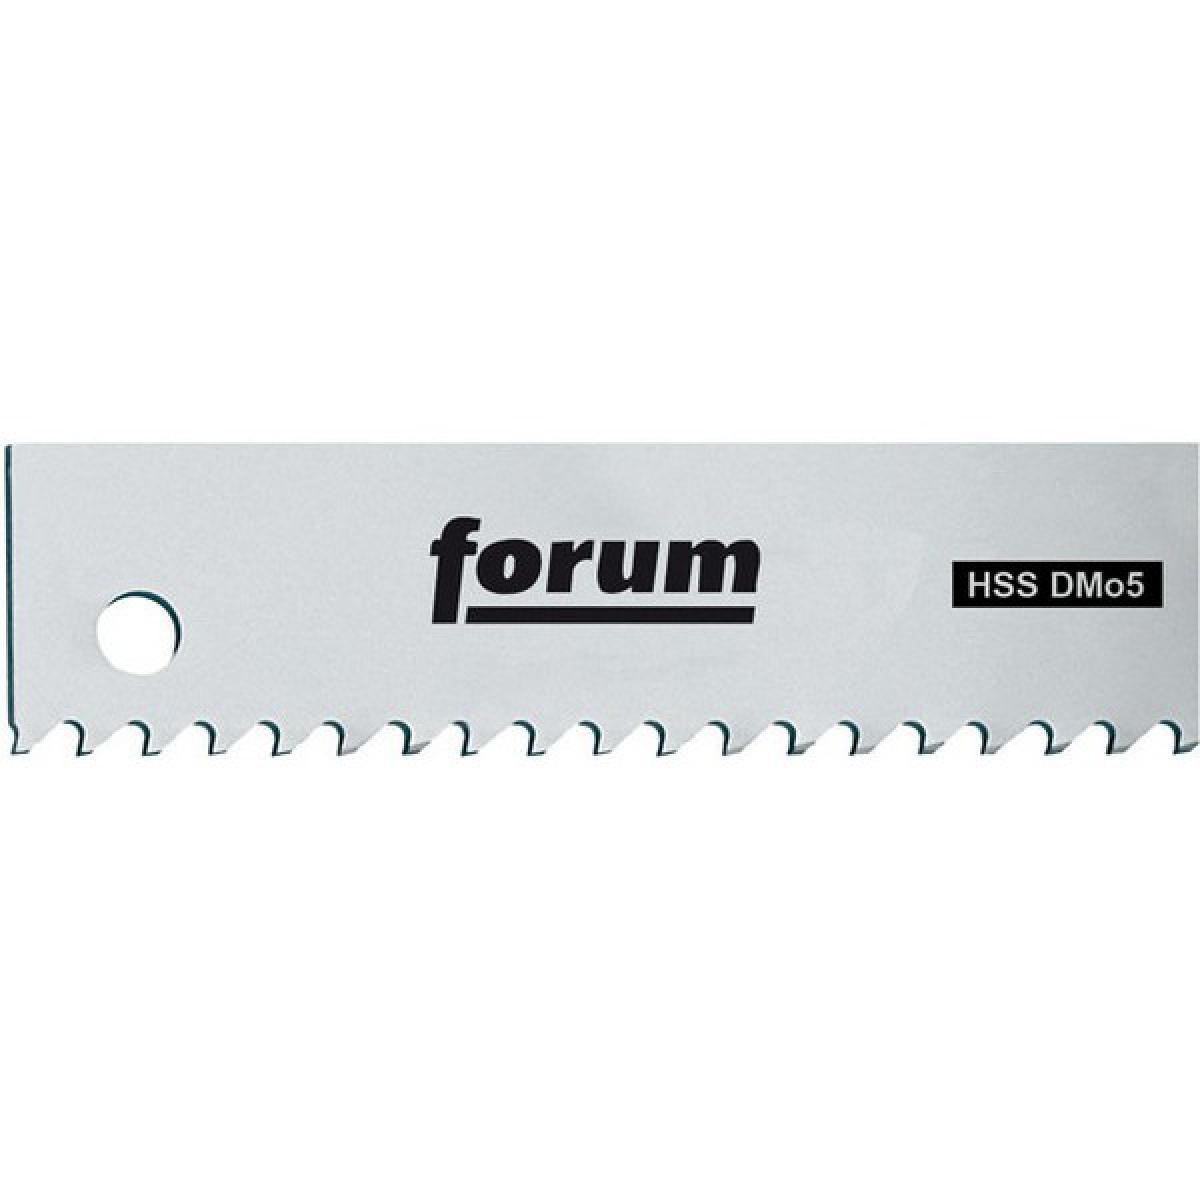 Forum Lame de scie alternative, Long. : 550 mm, Larg. : 45 mm, Épais. : 2 mm, Dents par pouce : 6